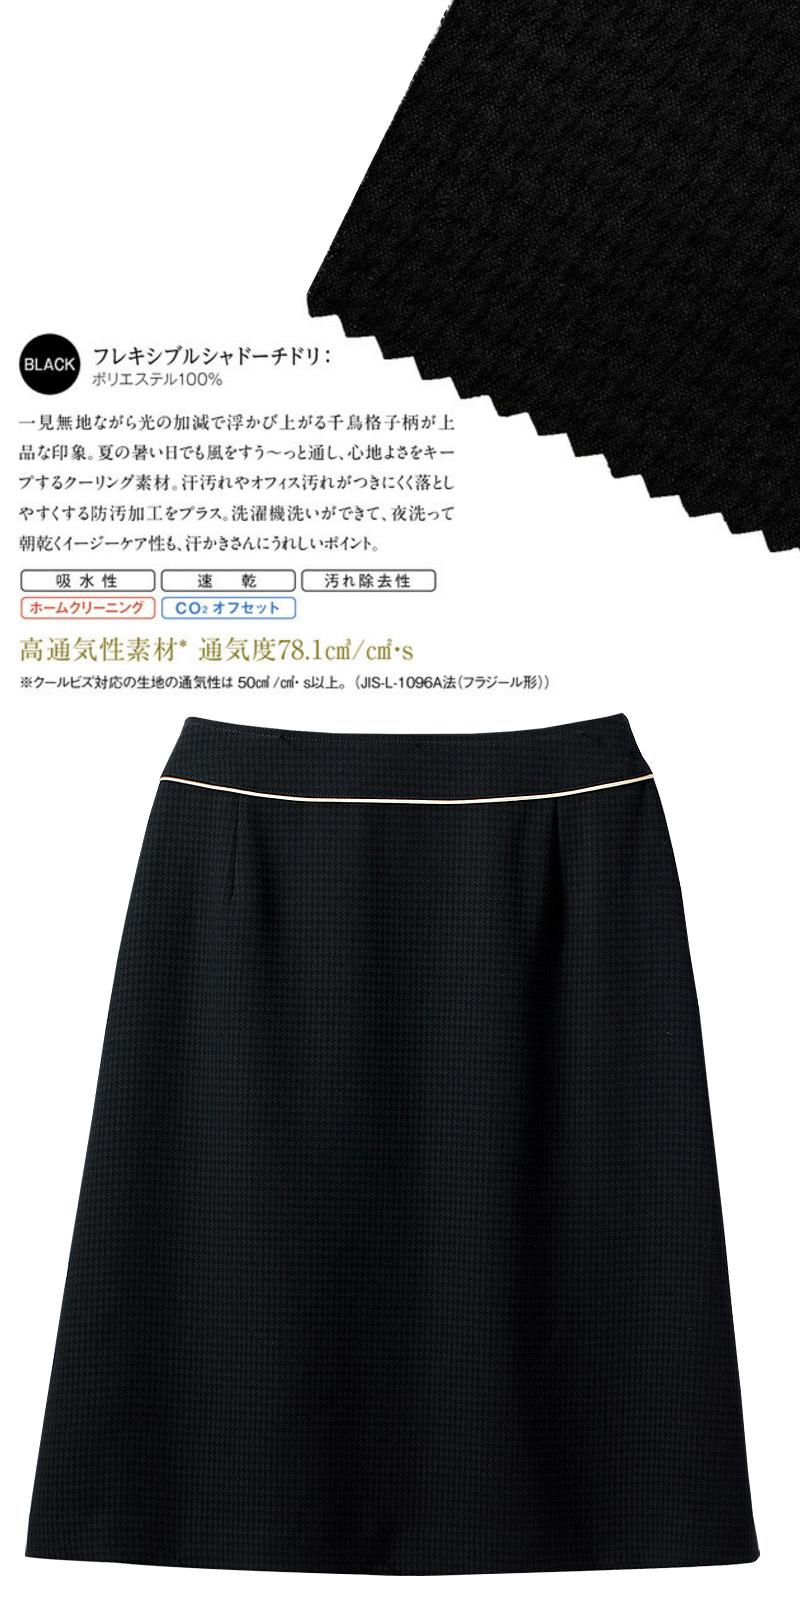 マーメイドスカート(フレキシブルシャドーチドリ)